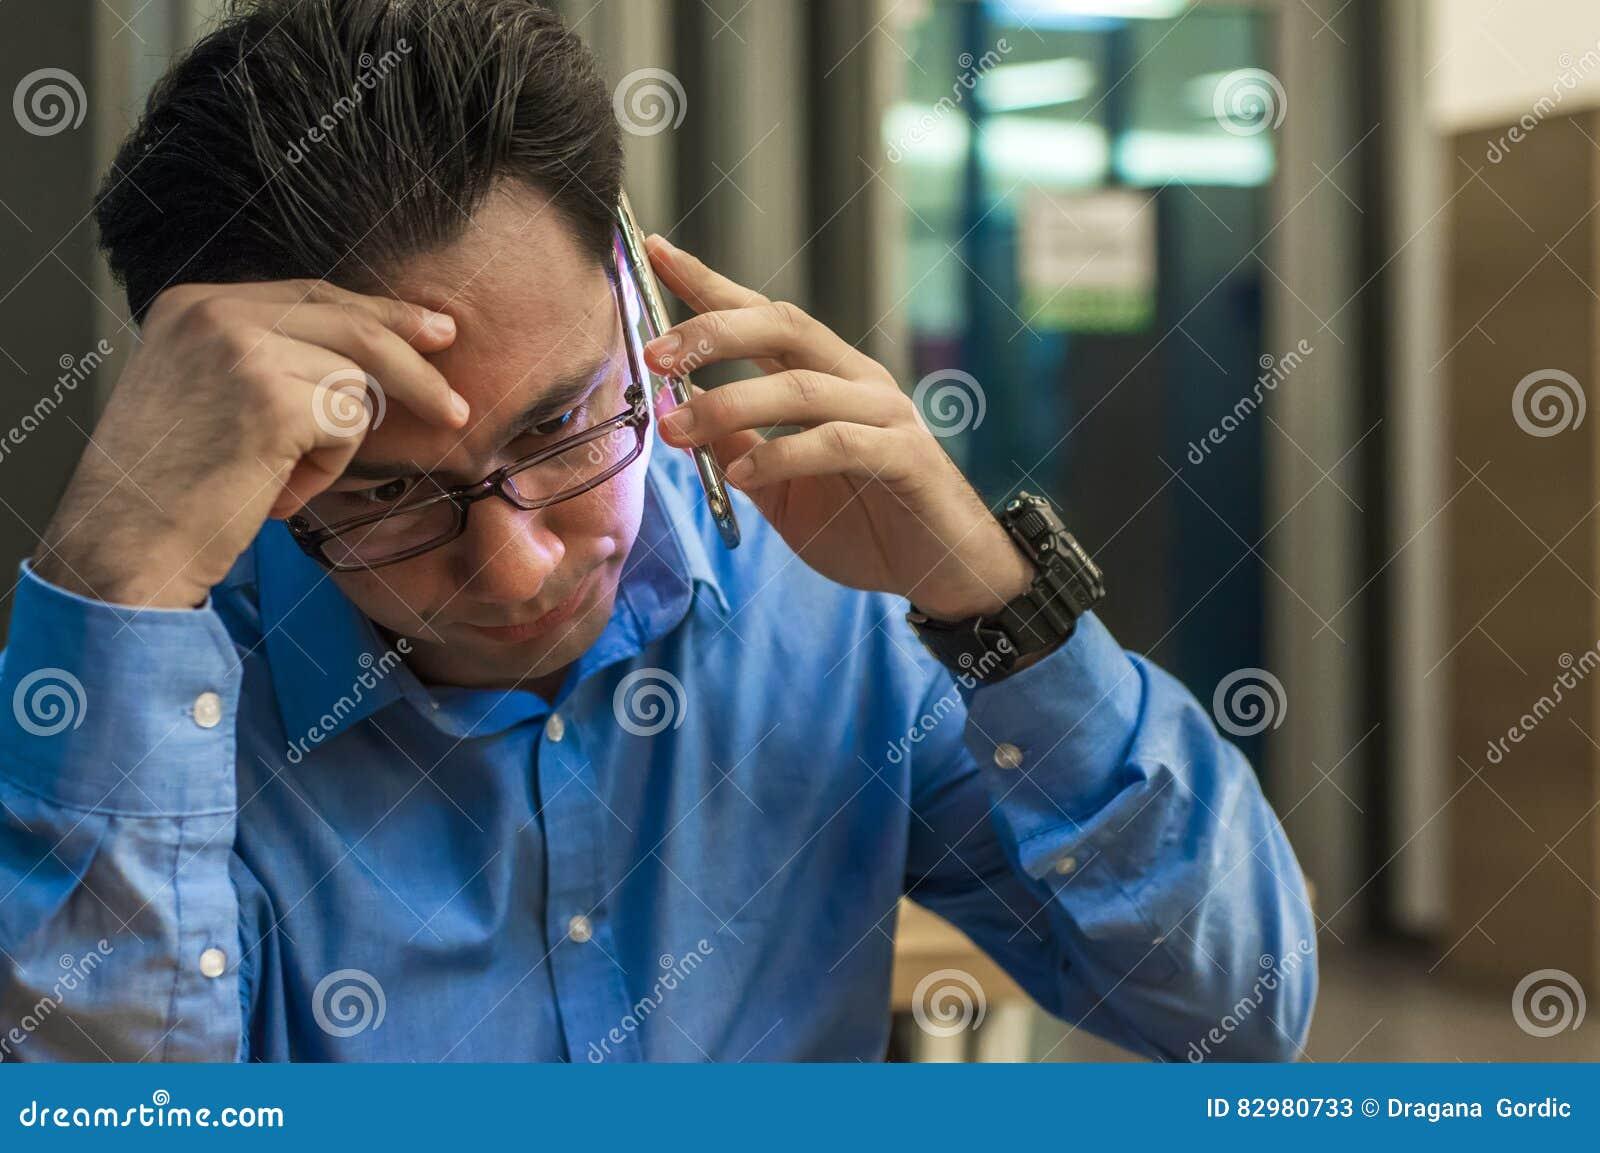 Закройте вверх подавленного и разочарованного бизнесмена на телефоне плохая новость Потревоженный молодой бизнесмен